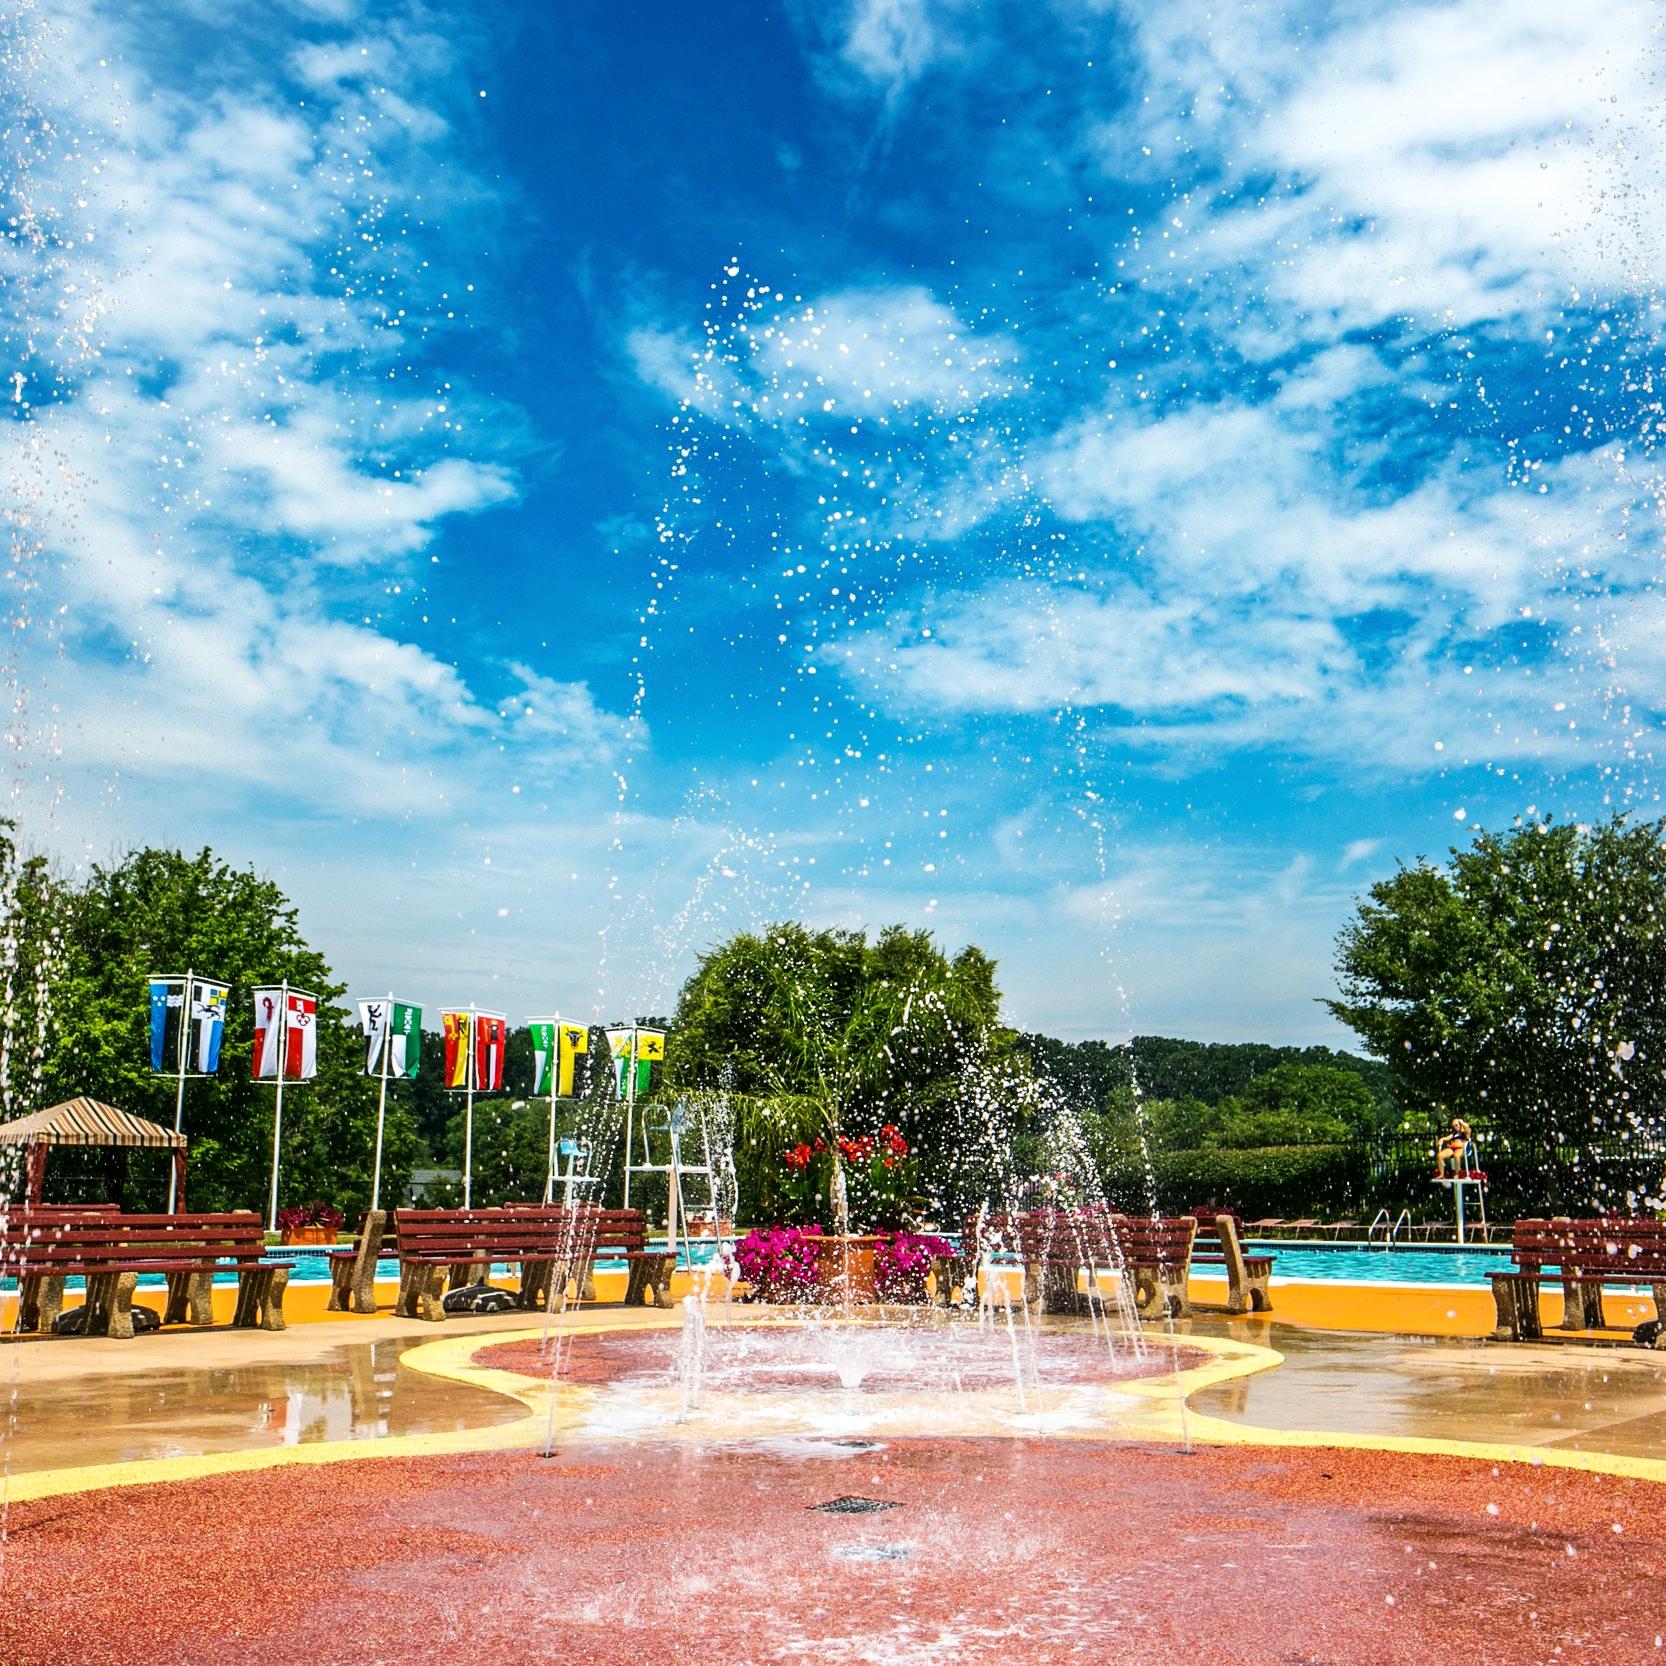 Briarcliff New Pool-Briarcliff Edits-0090.jpg